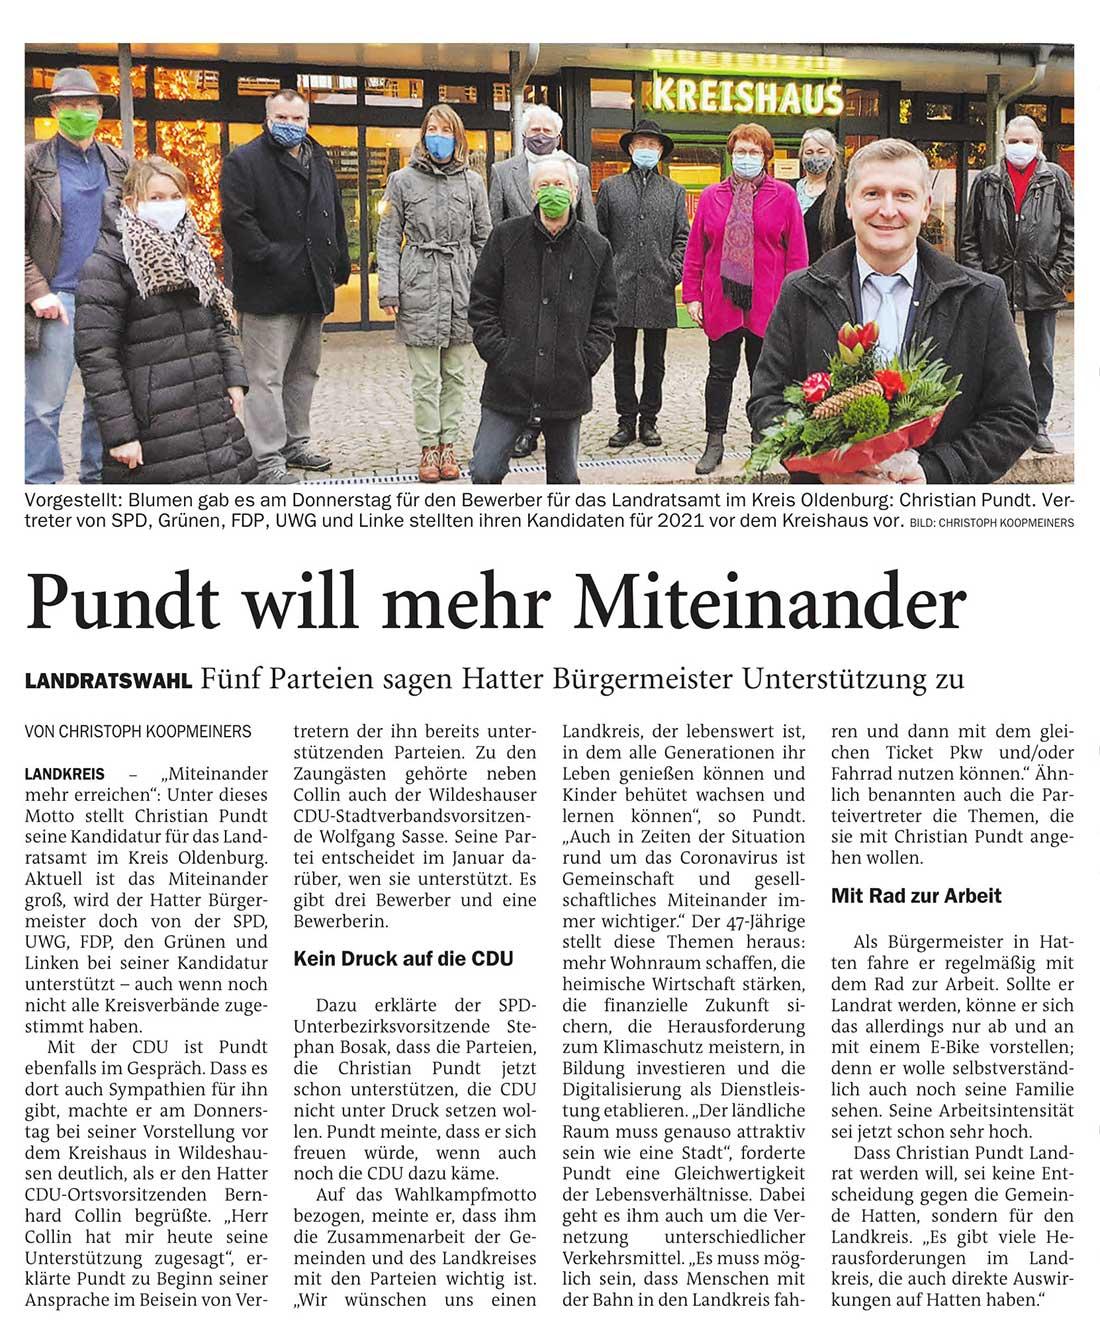 Pundt will mehr MiteinanderLandratswahl: Fünf Parteien sagen Hatter Bürgermeister Unterstützung zuArtikel vom 04.12.2020 (NWZ)